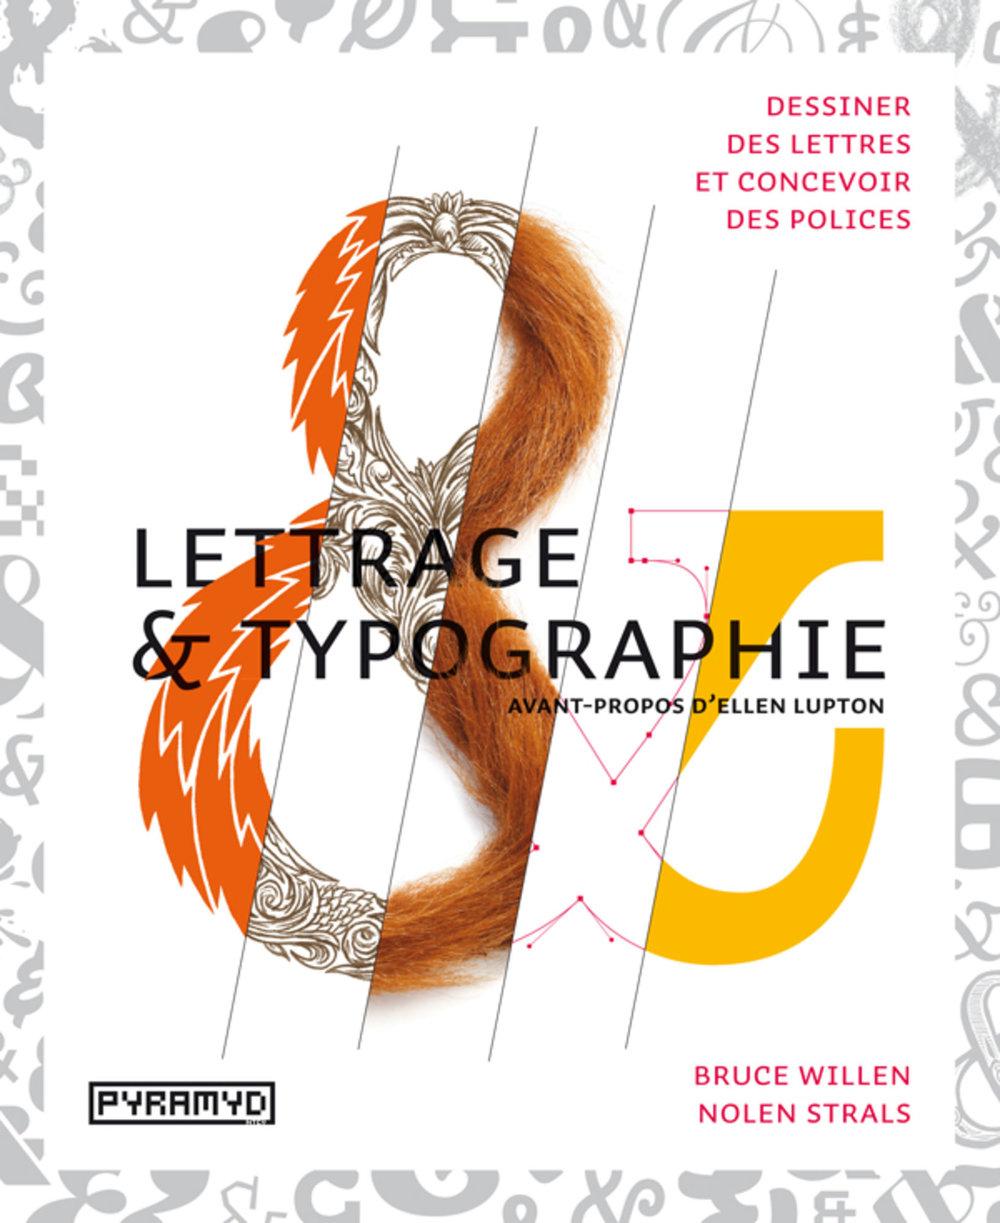 lettrage-typographie-1.jpg